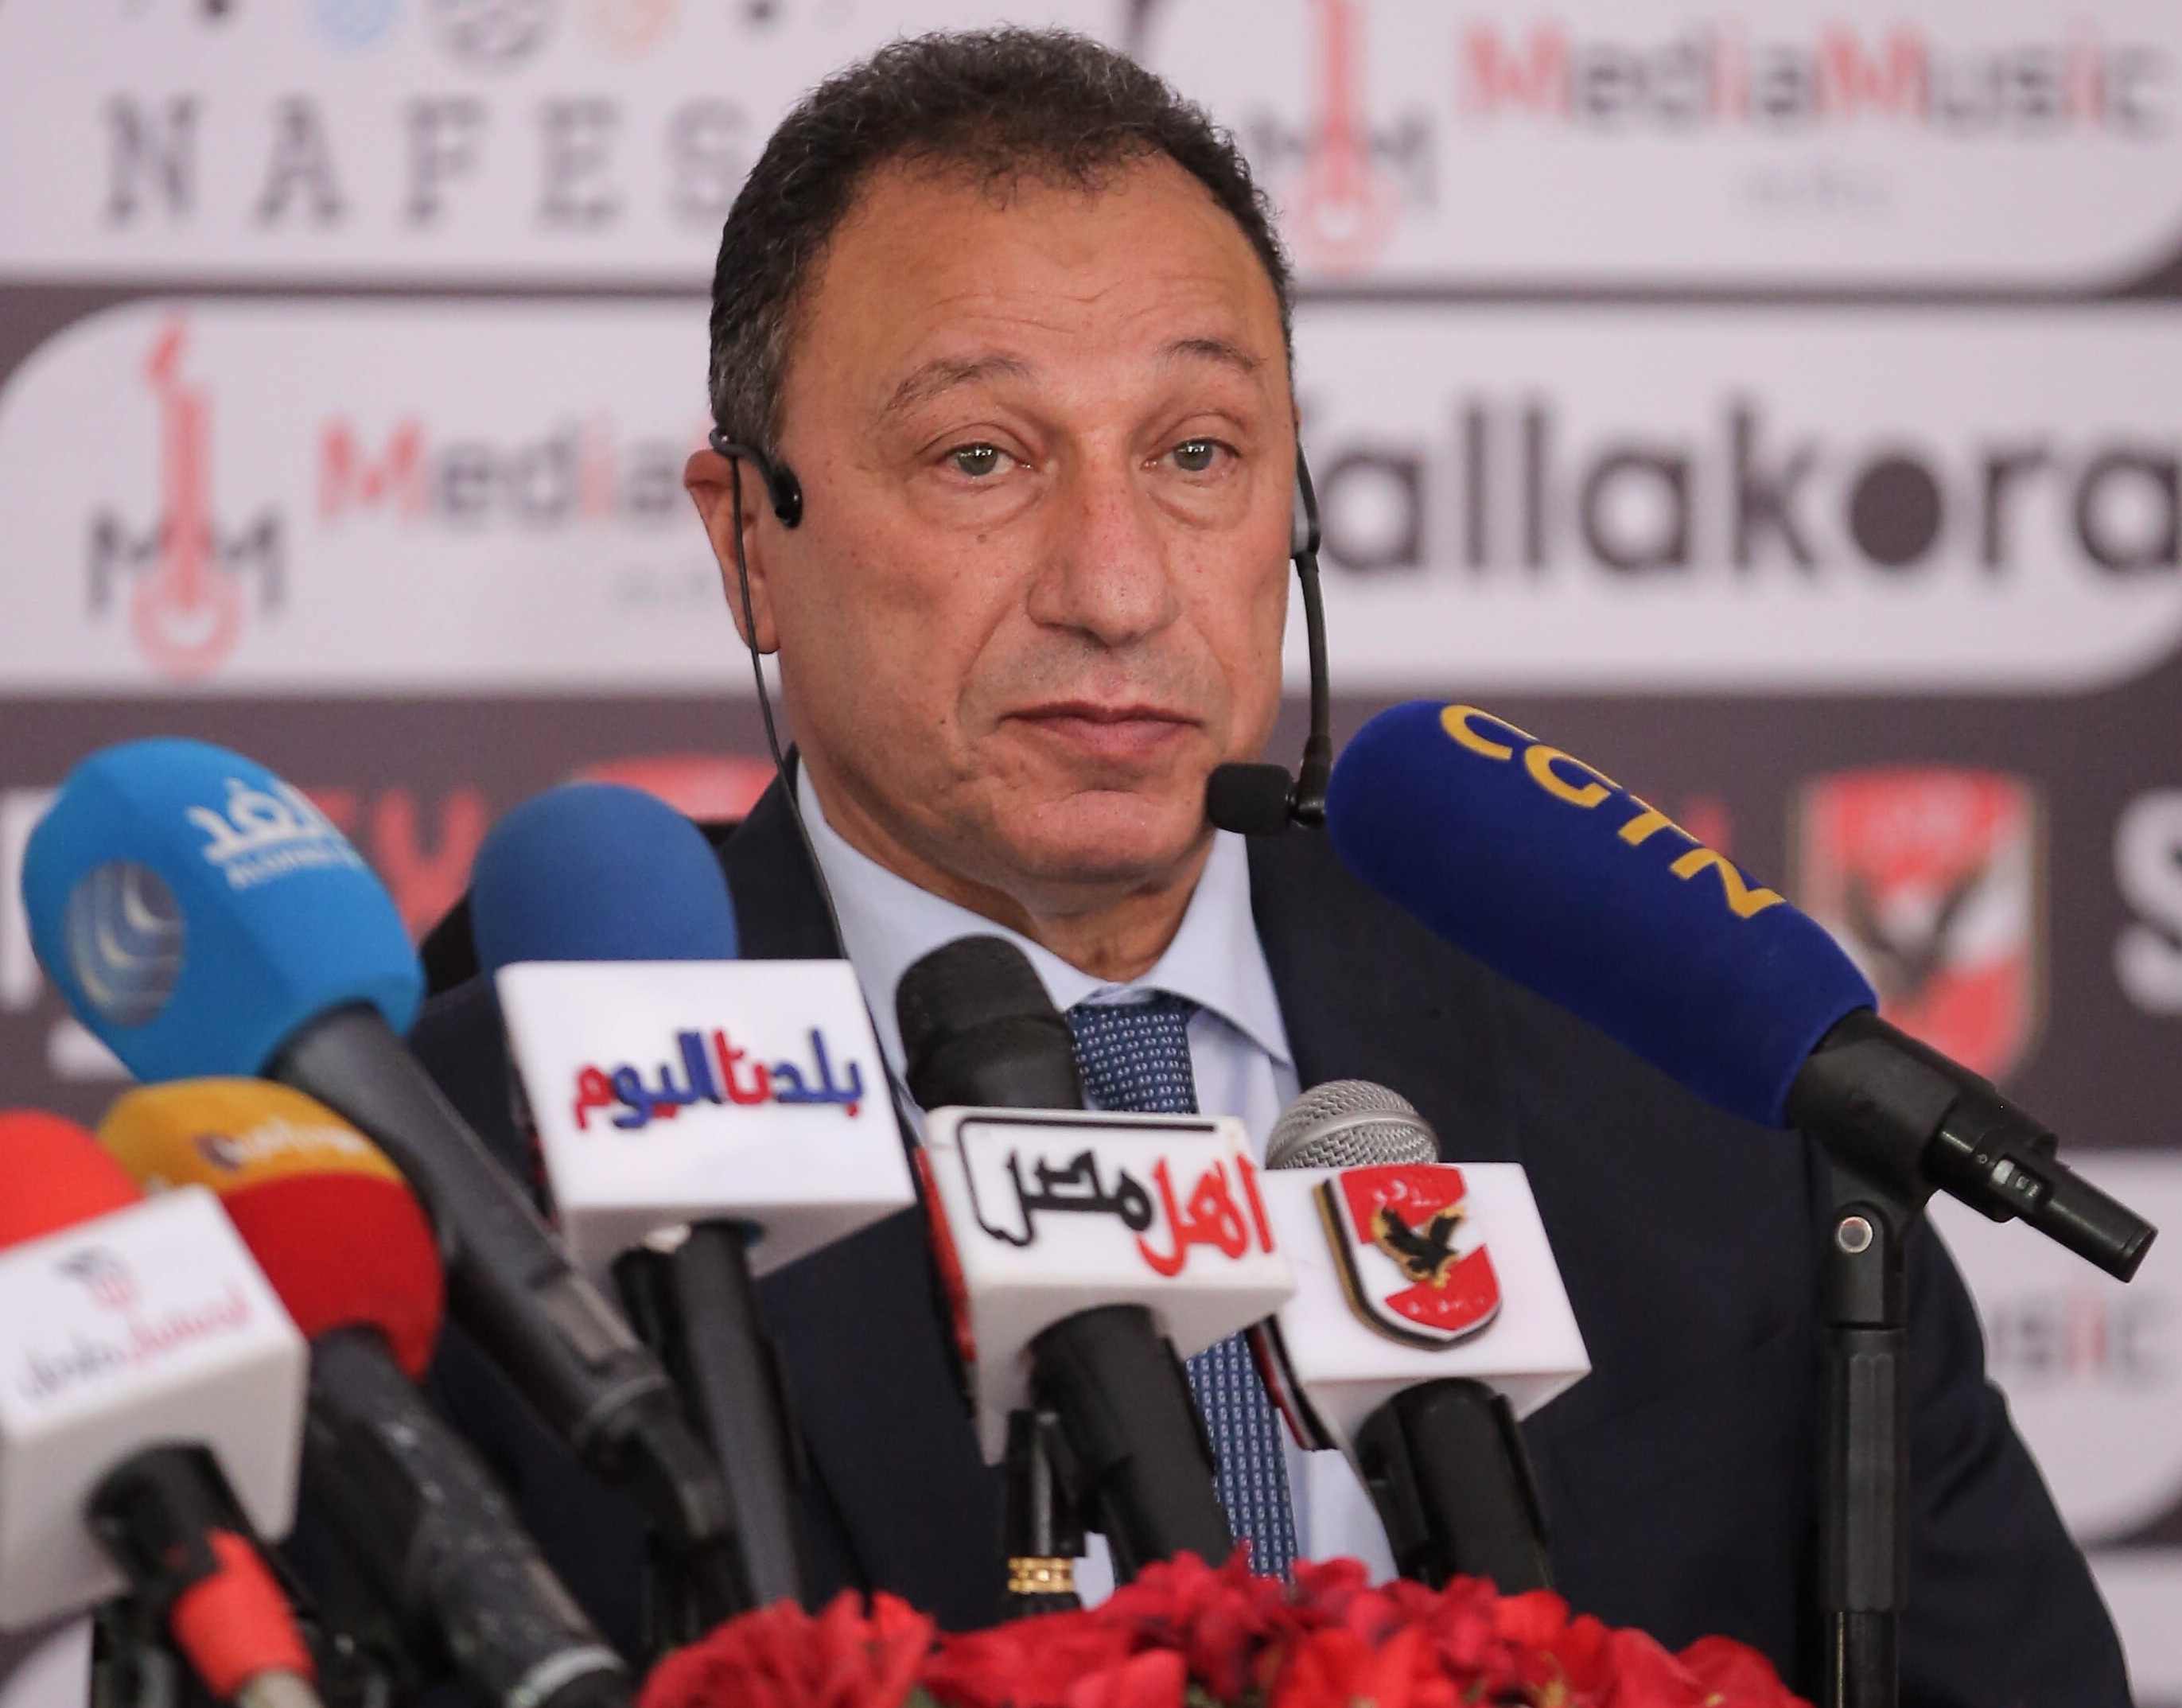 محمود الخطيب في مؤتمر سبورتكس